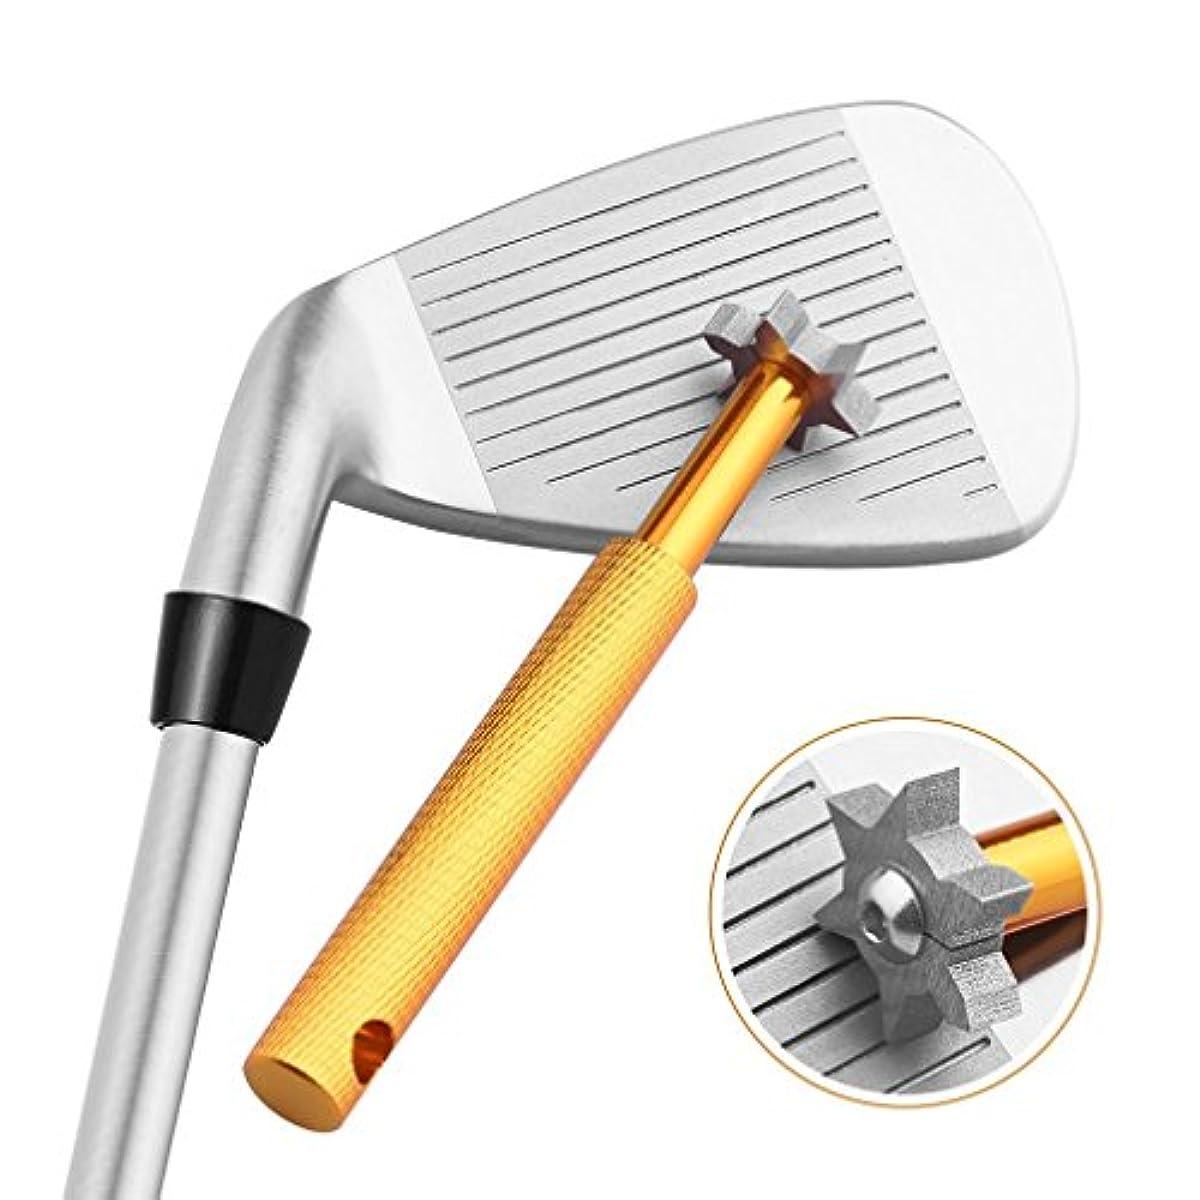 [해외] VANCLE 골프 악세사리 골프 클럽 glue 샤프나 웨지(wedge) 클리너 골프 아이언구 깎아 샤프 커터 툴